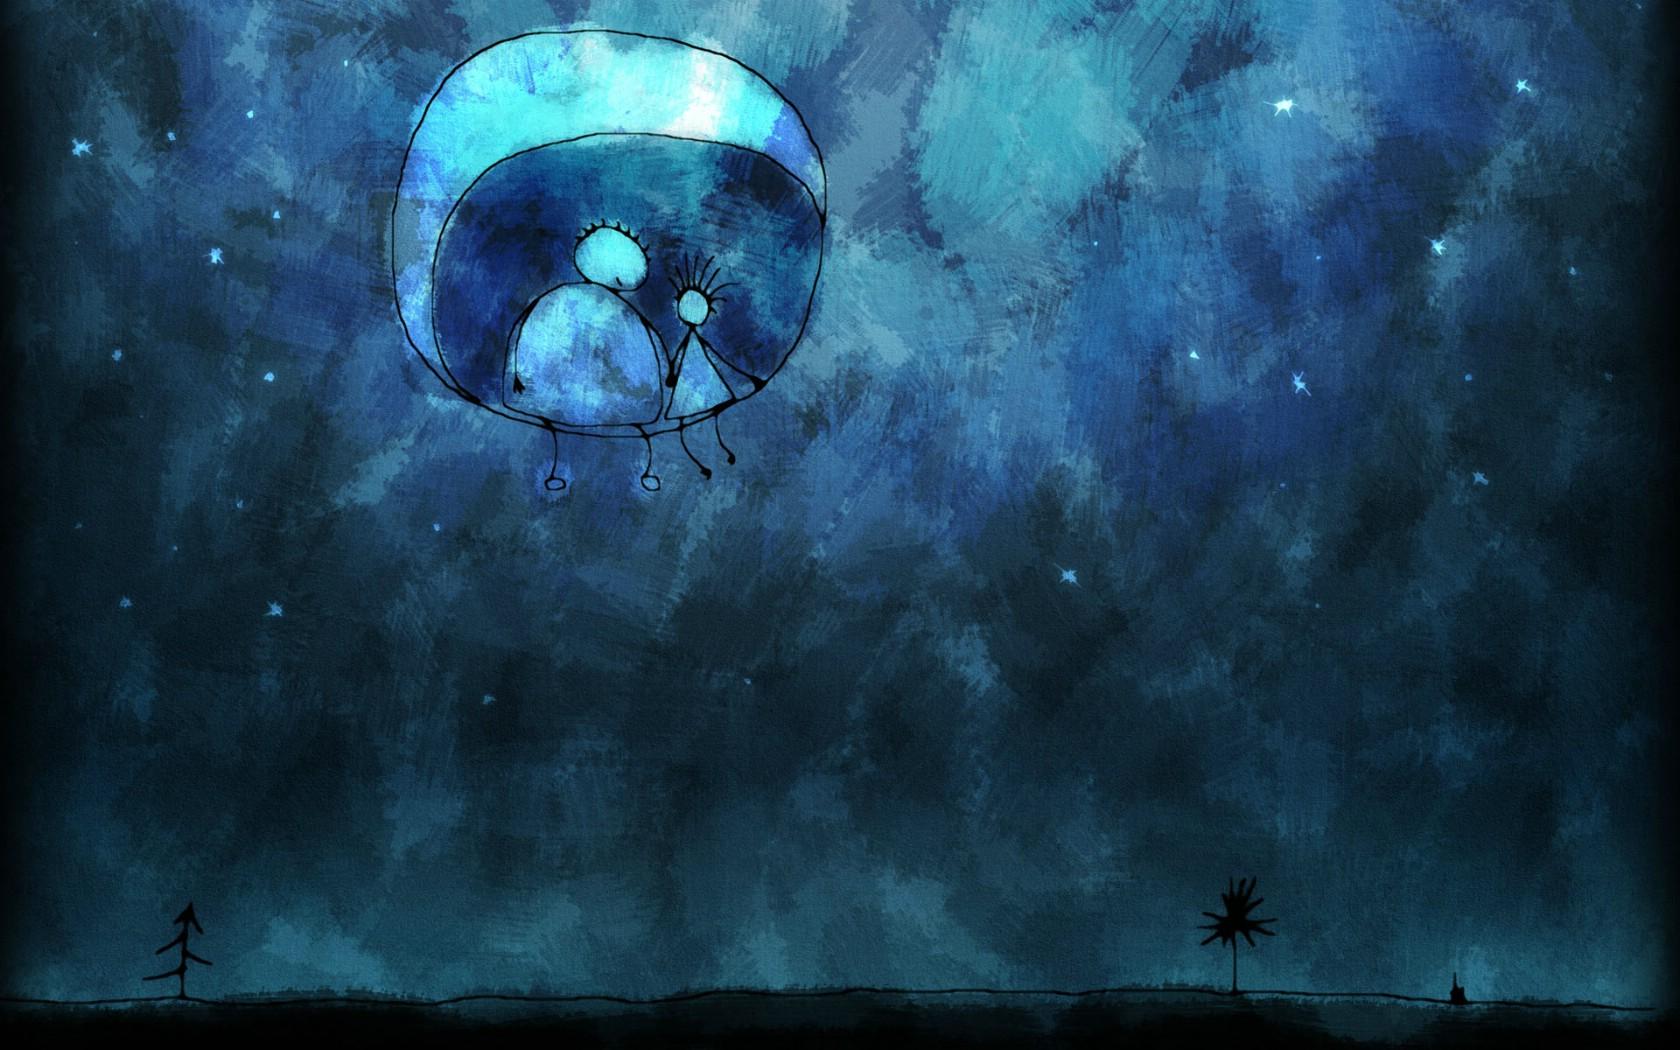 动漫凄美月亮图